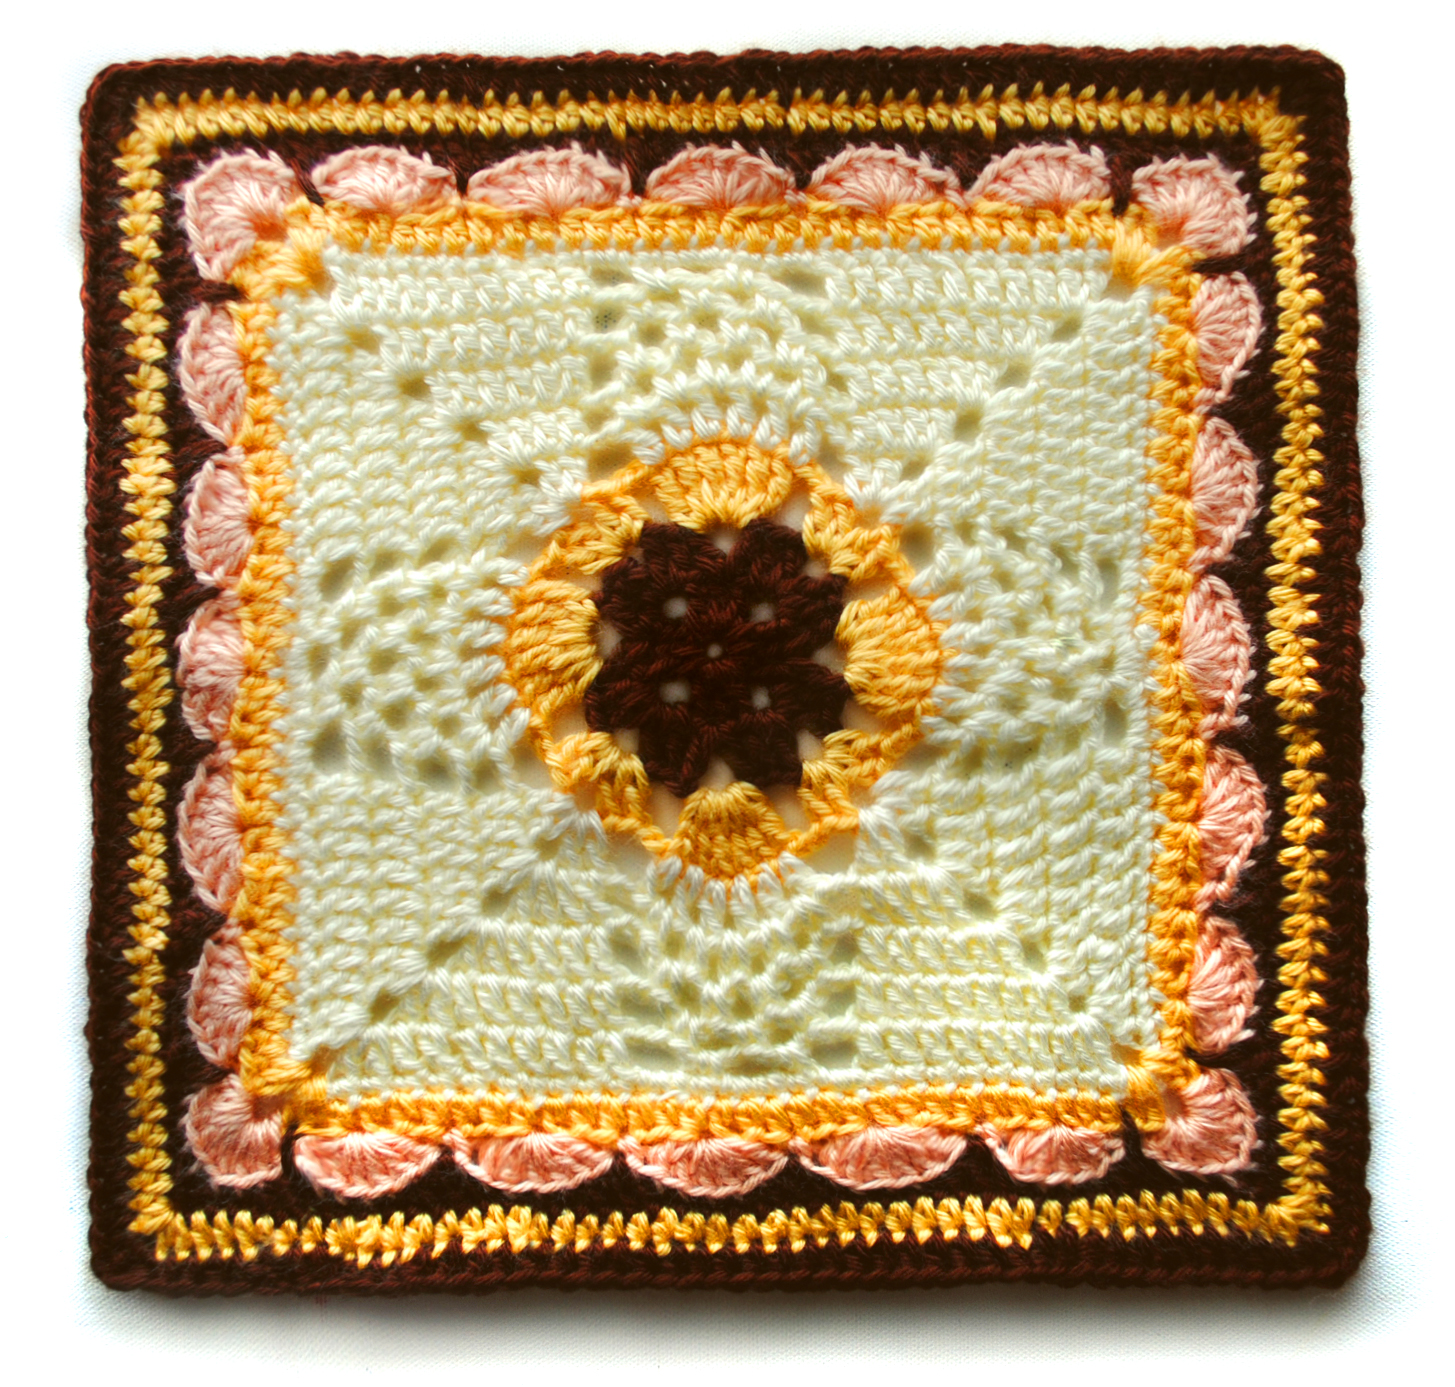 Pineapple Crochet Square - mellie blossom